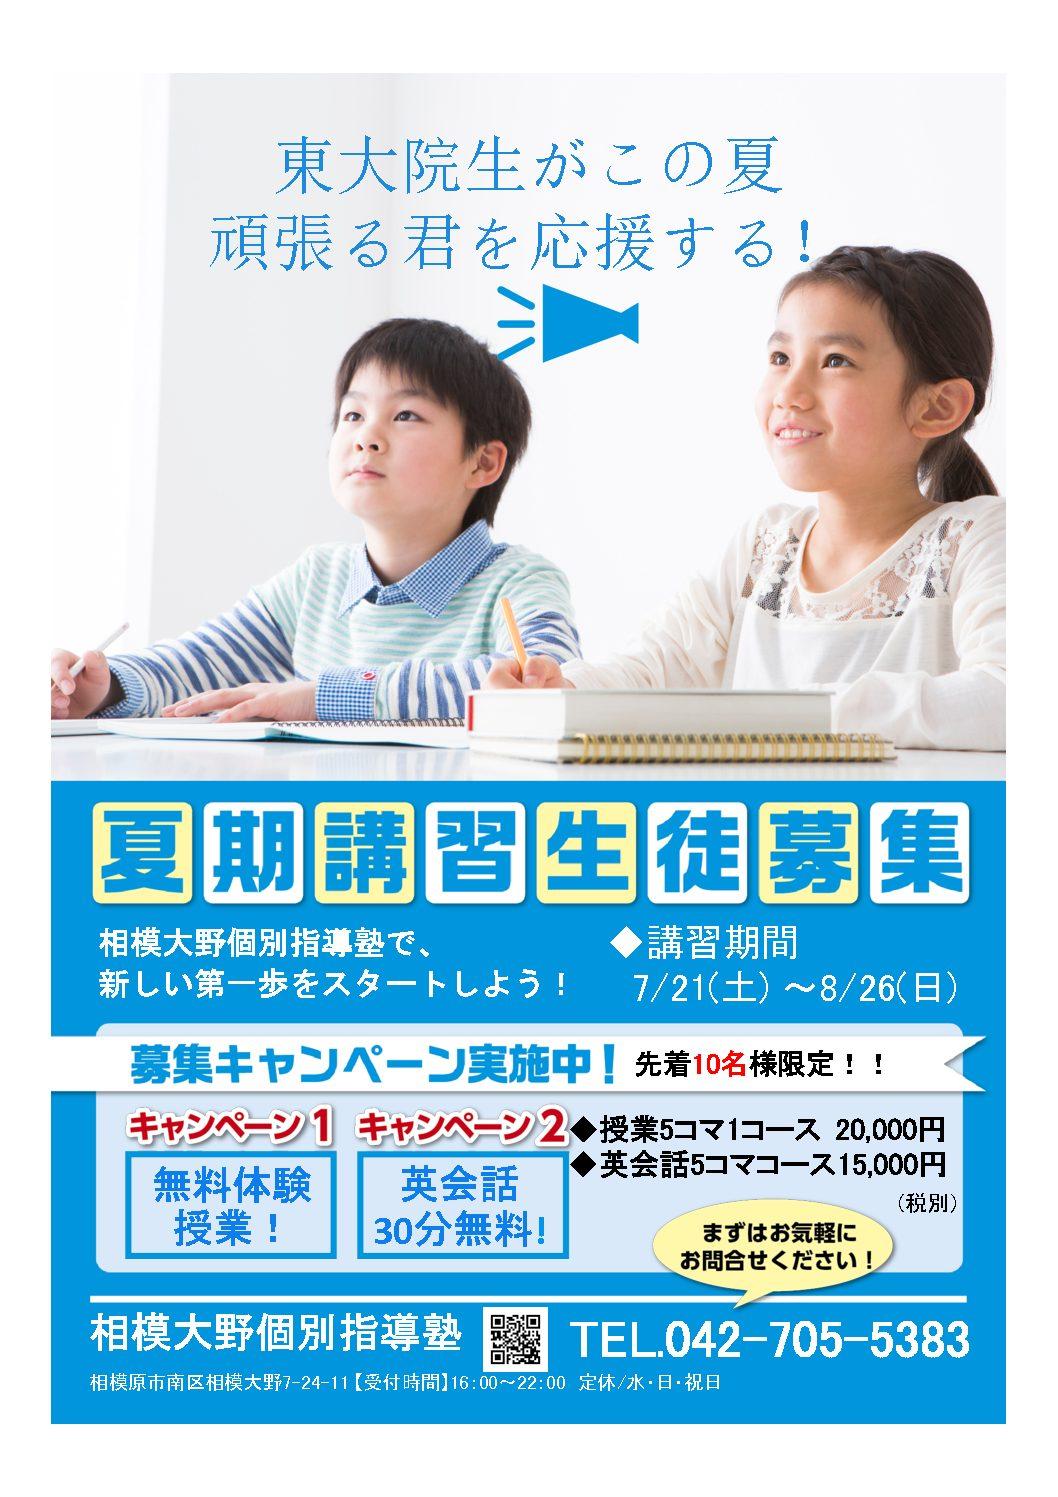 姉妹校の西新宿個別指導塾のアエラキッズ掲載について